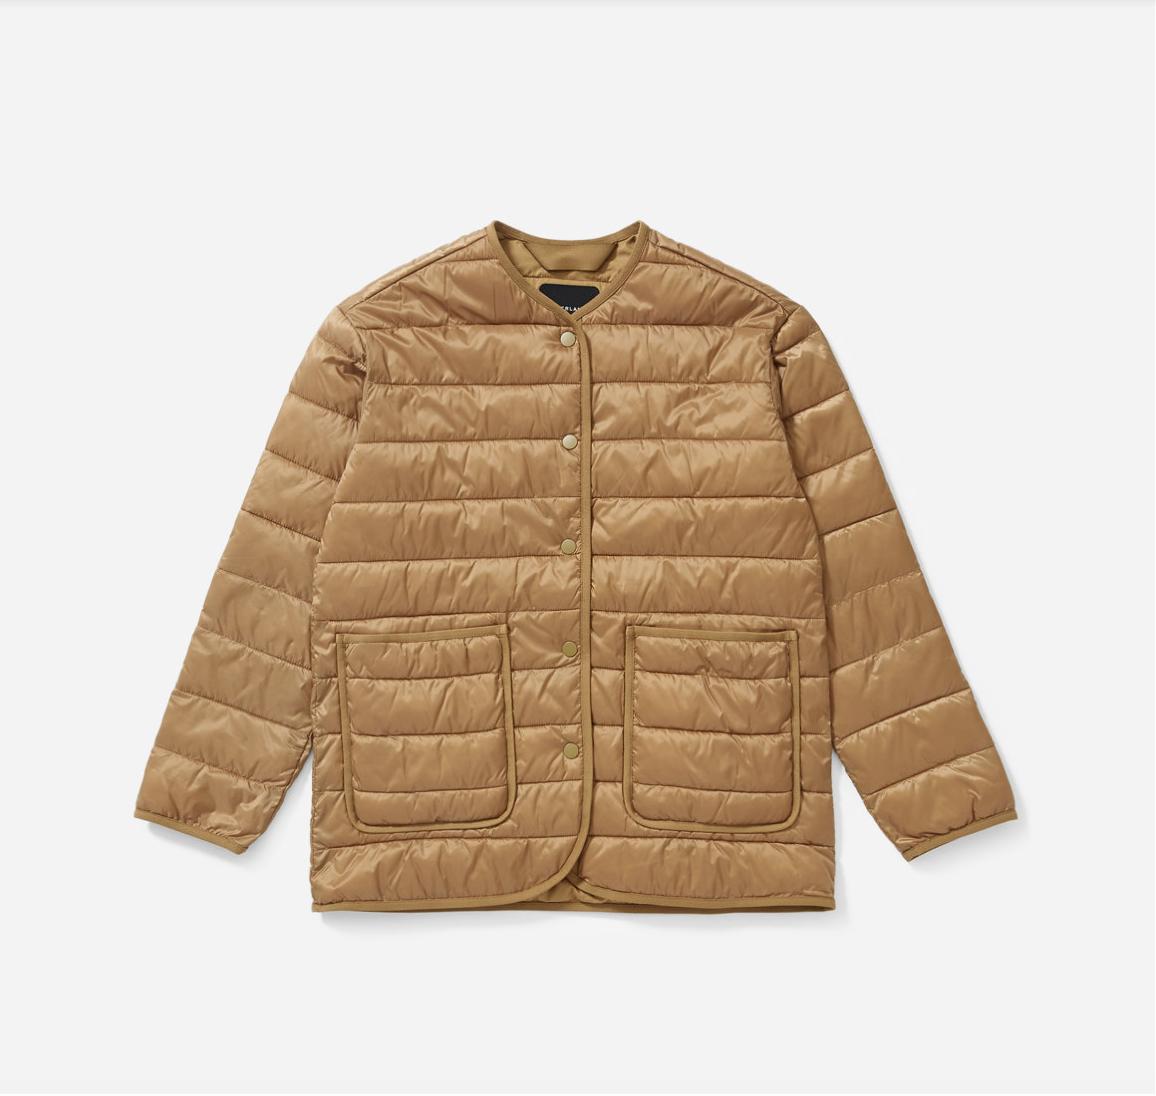 17. waterproof jacket